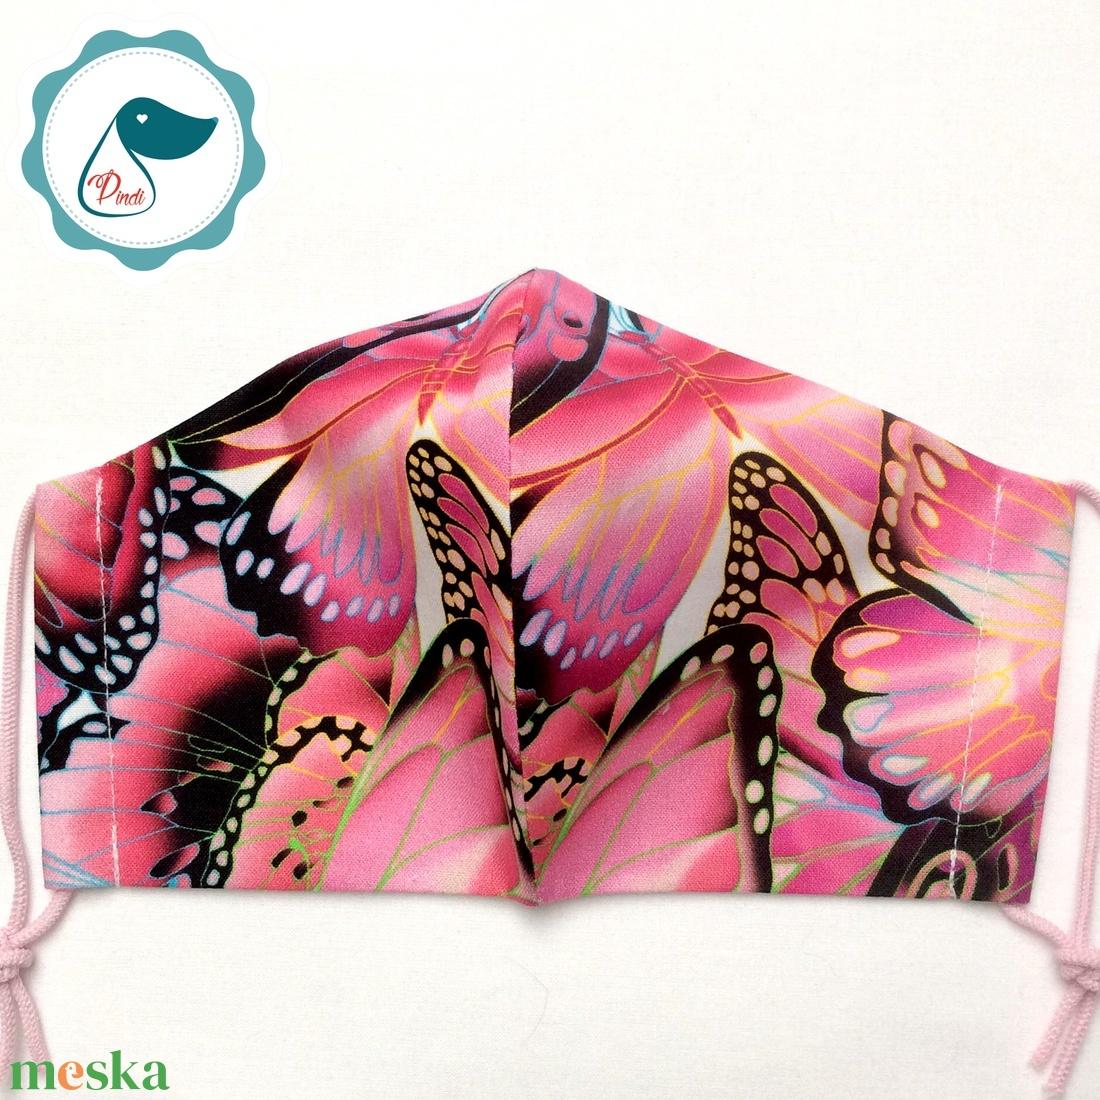 Egyedi pillangós  maszk - prémium felnőtt női és teenager szájmaszk - textil szájmaszk - egészségügyi szájmaszk - maszk, arcmaszk - női - Meska.hu